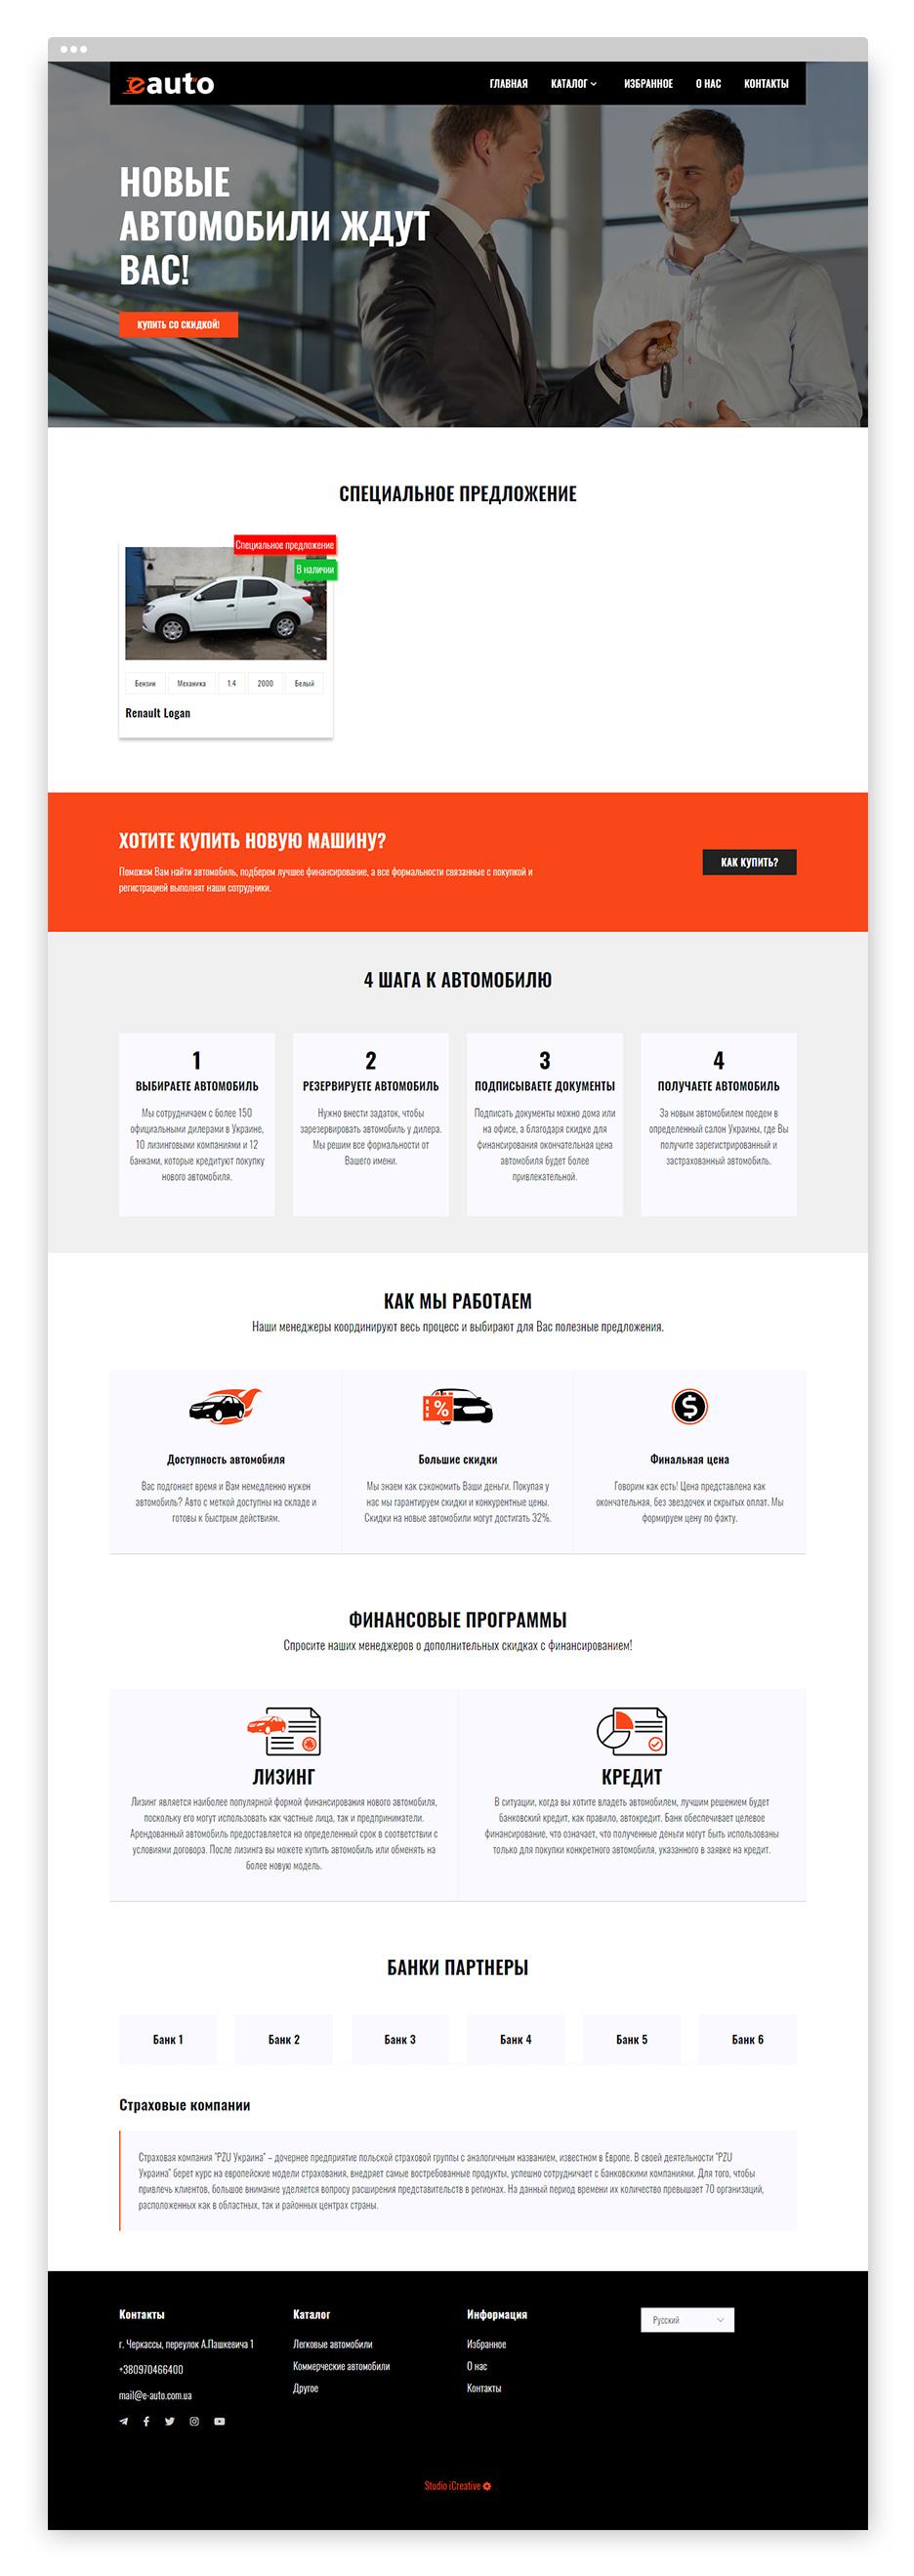 icreative.com.ua_e-auto_portfolio_1